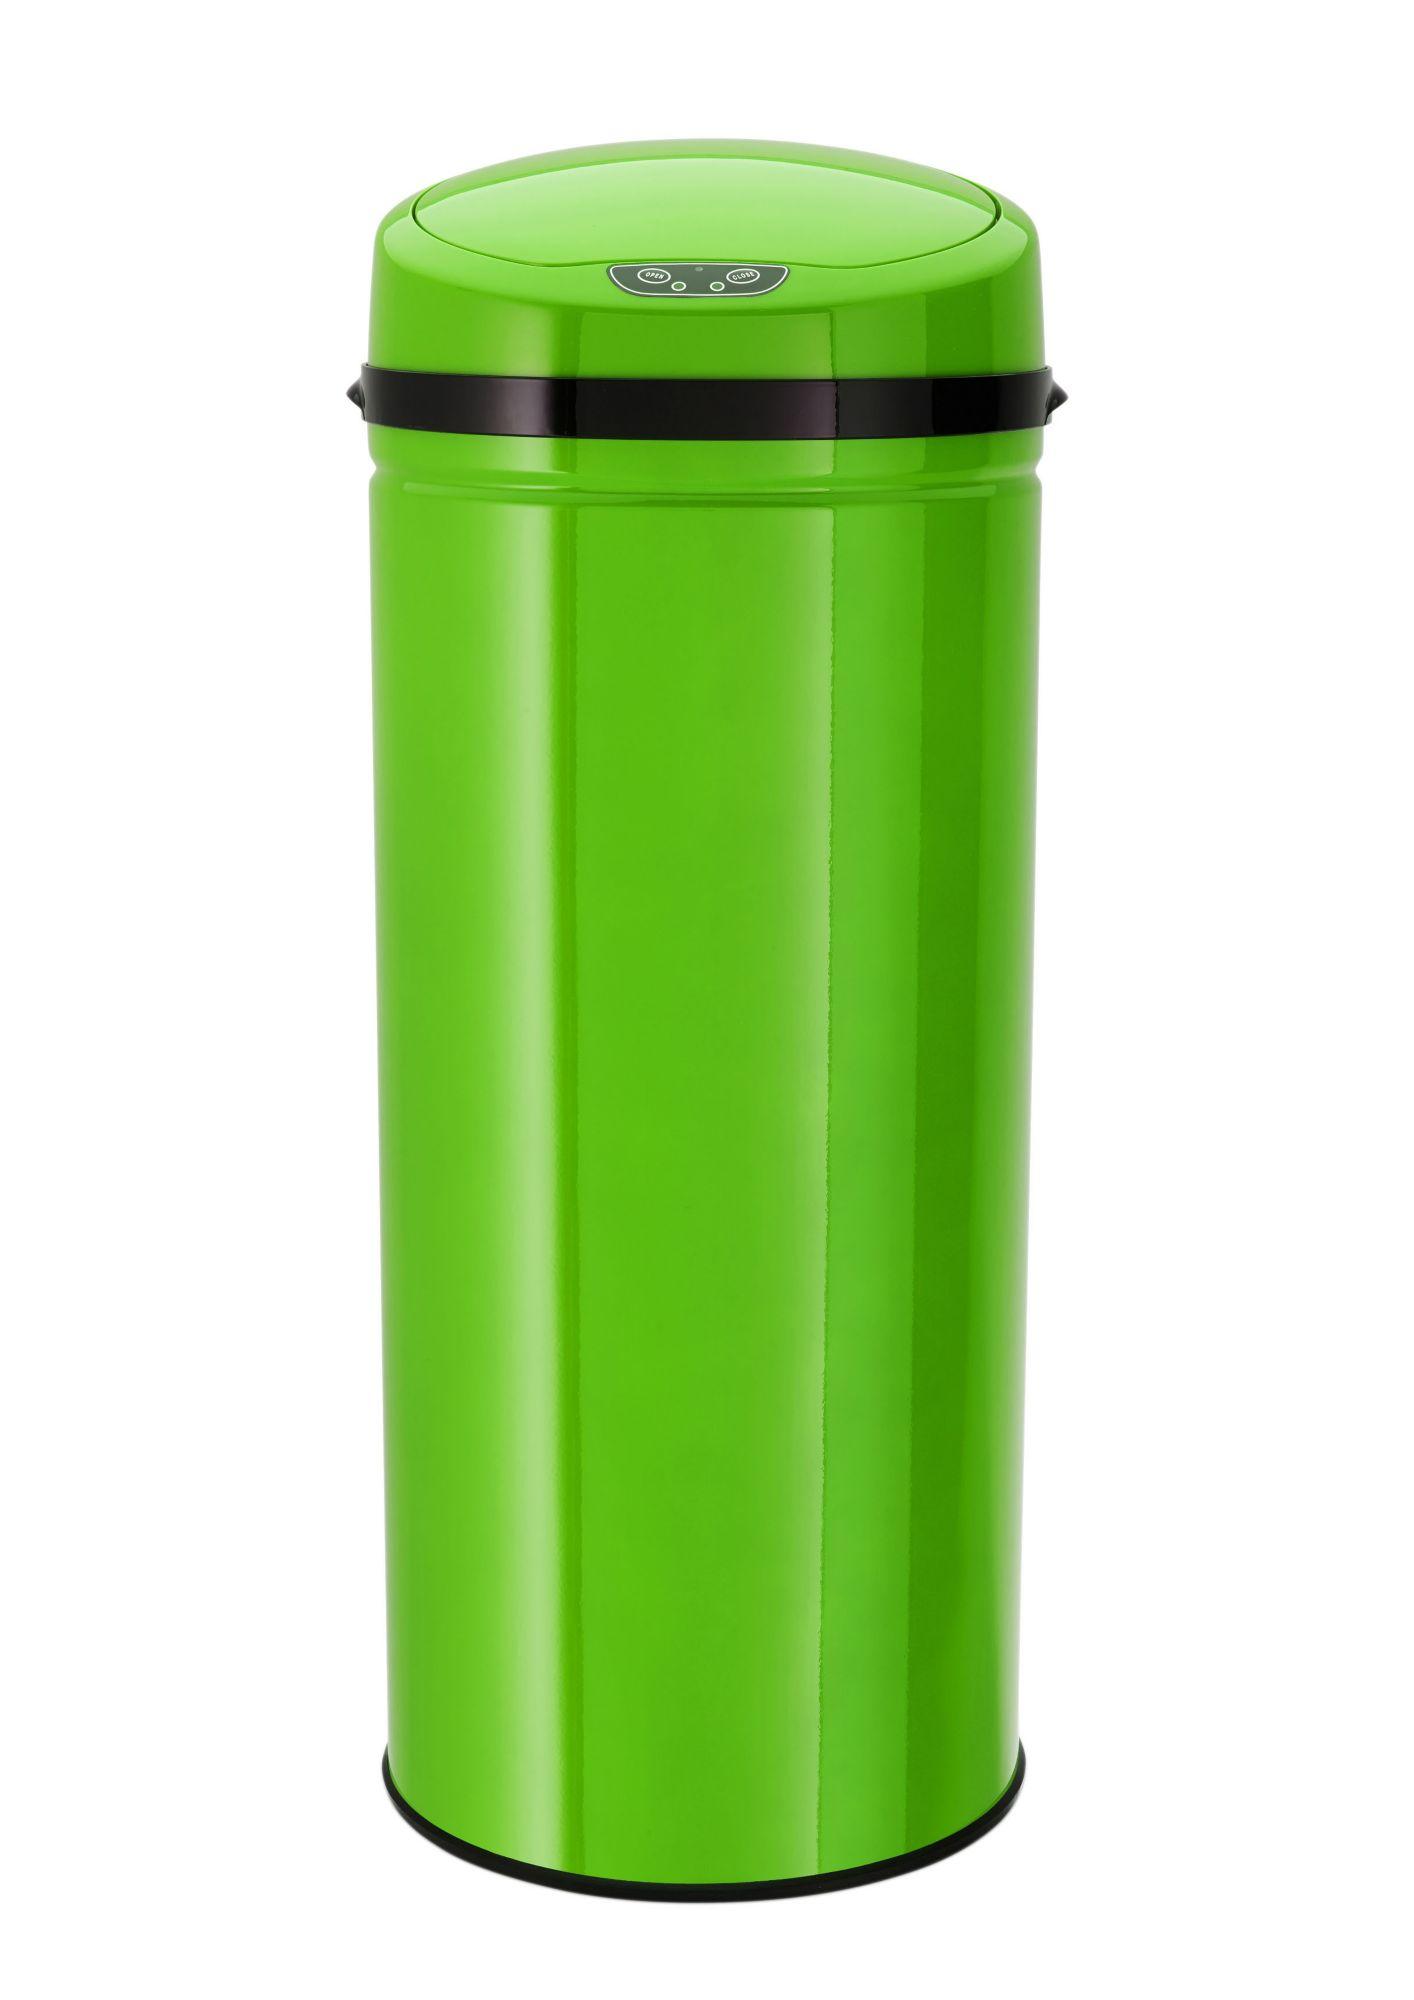 ECHTWERK Edelstahl-Abfalleimer mit Infrarotsensor, 42 Liter, »INOX LEMON«, Echtwerk